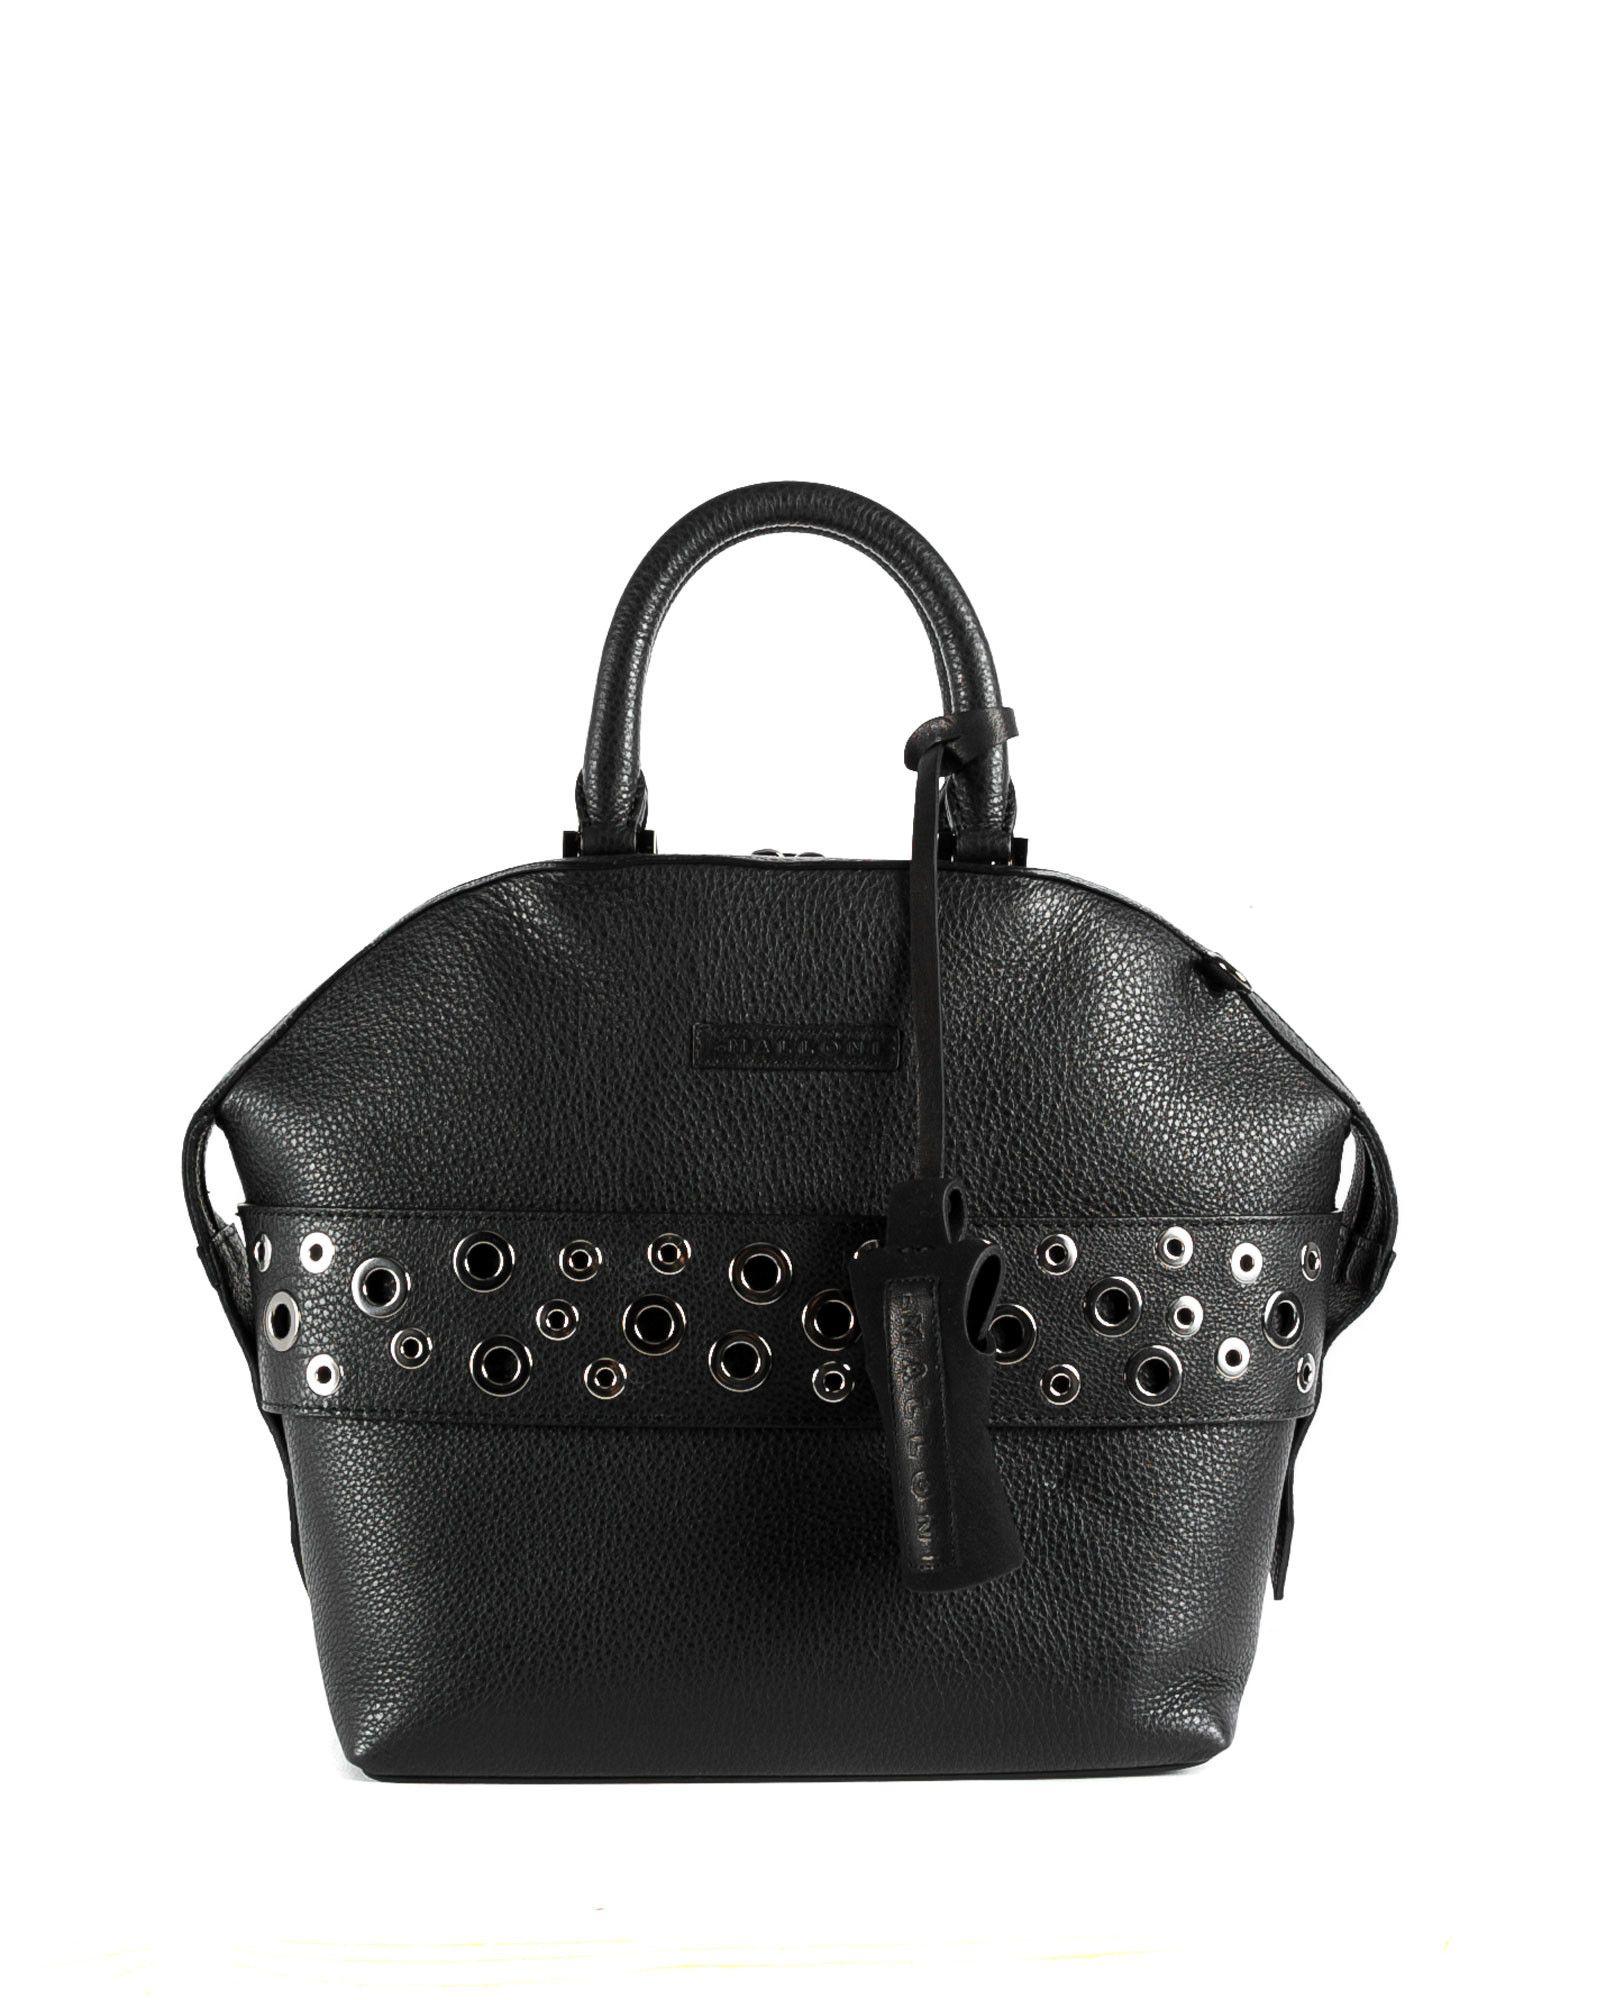 BAGS - Handbags Malloni xcUb0W2cQ